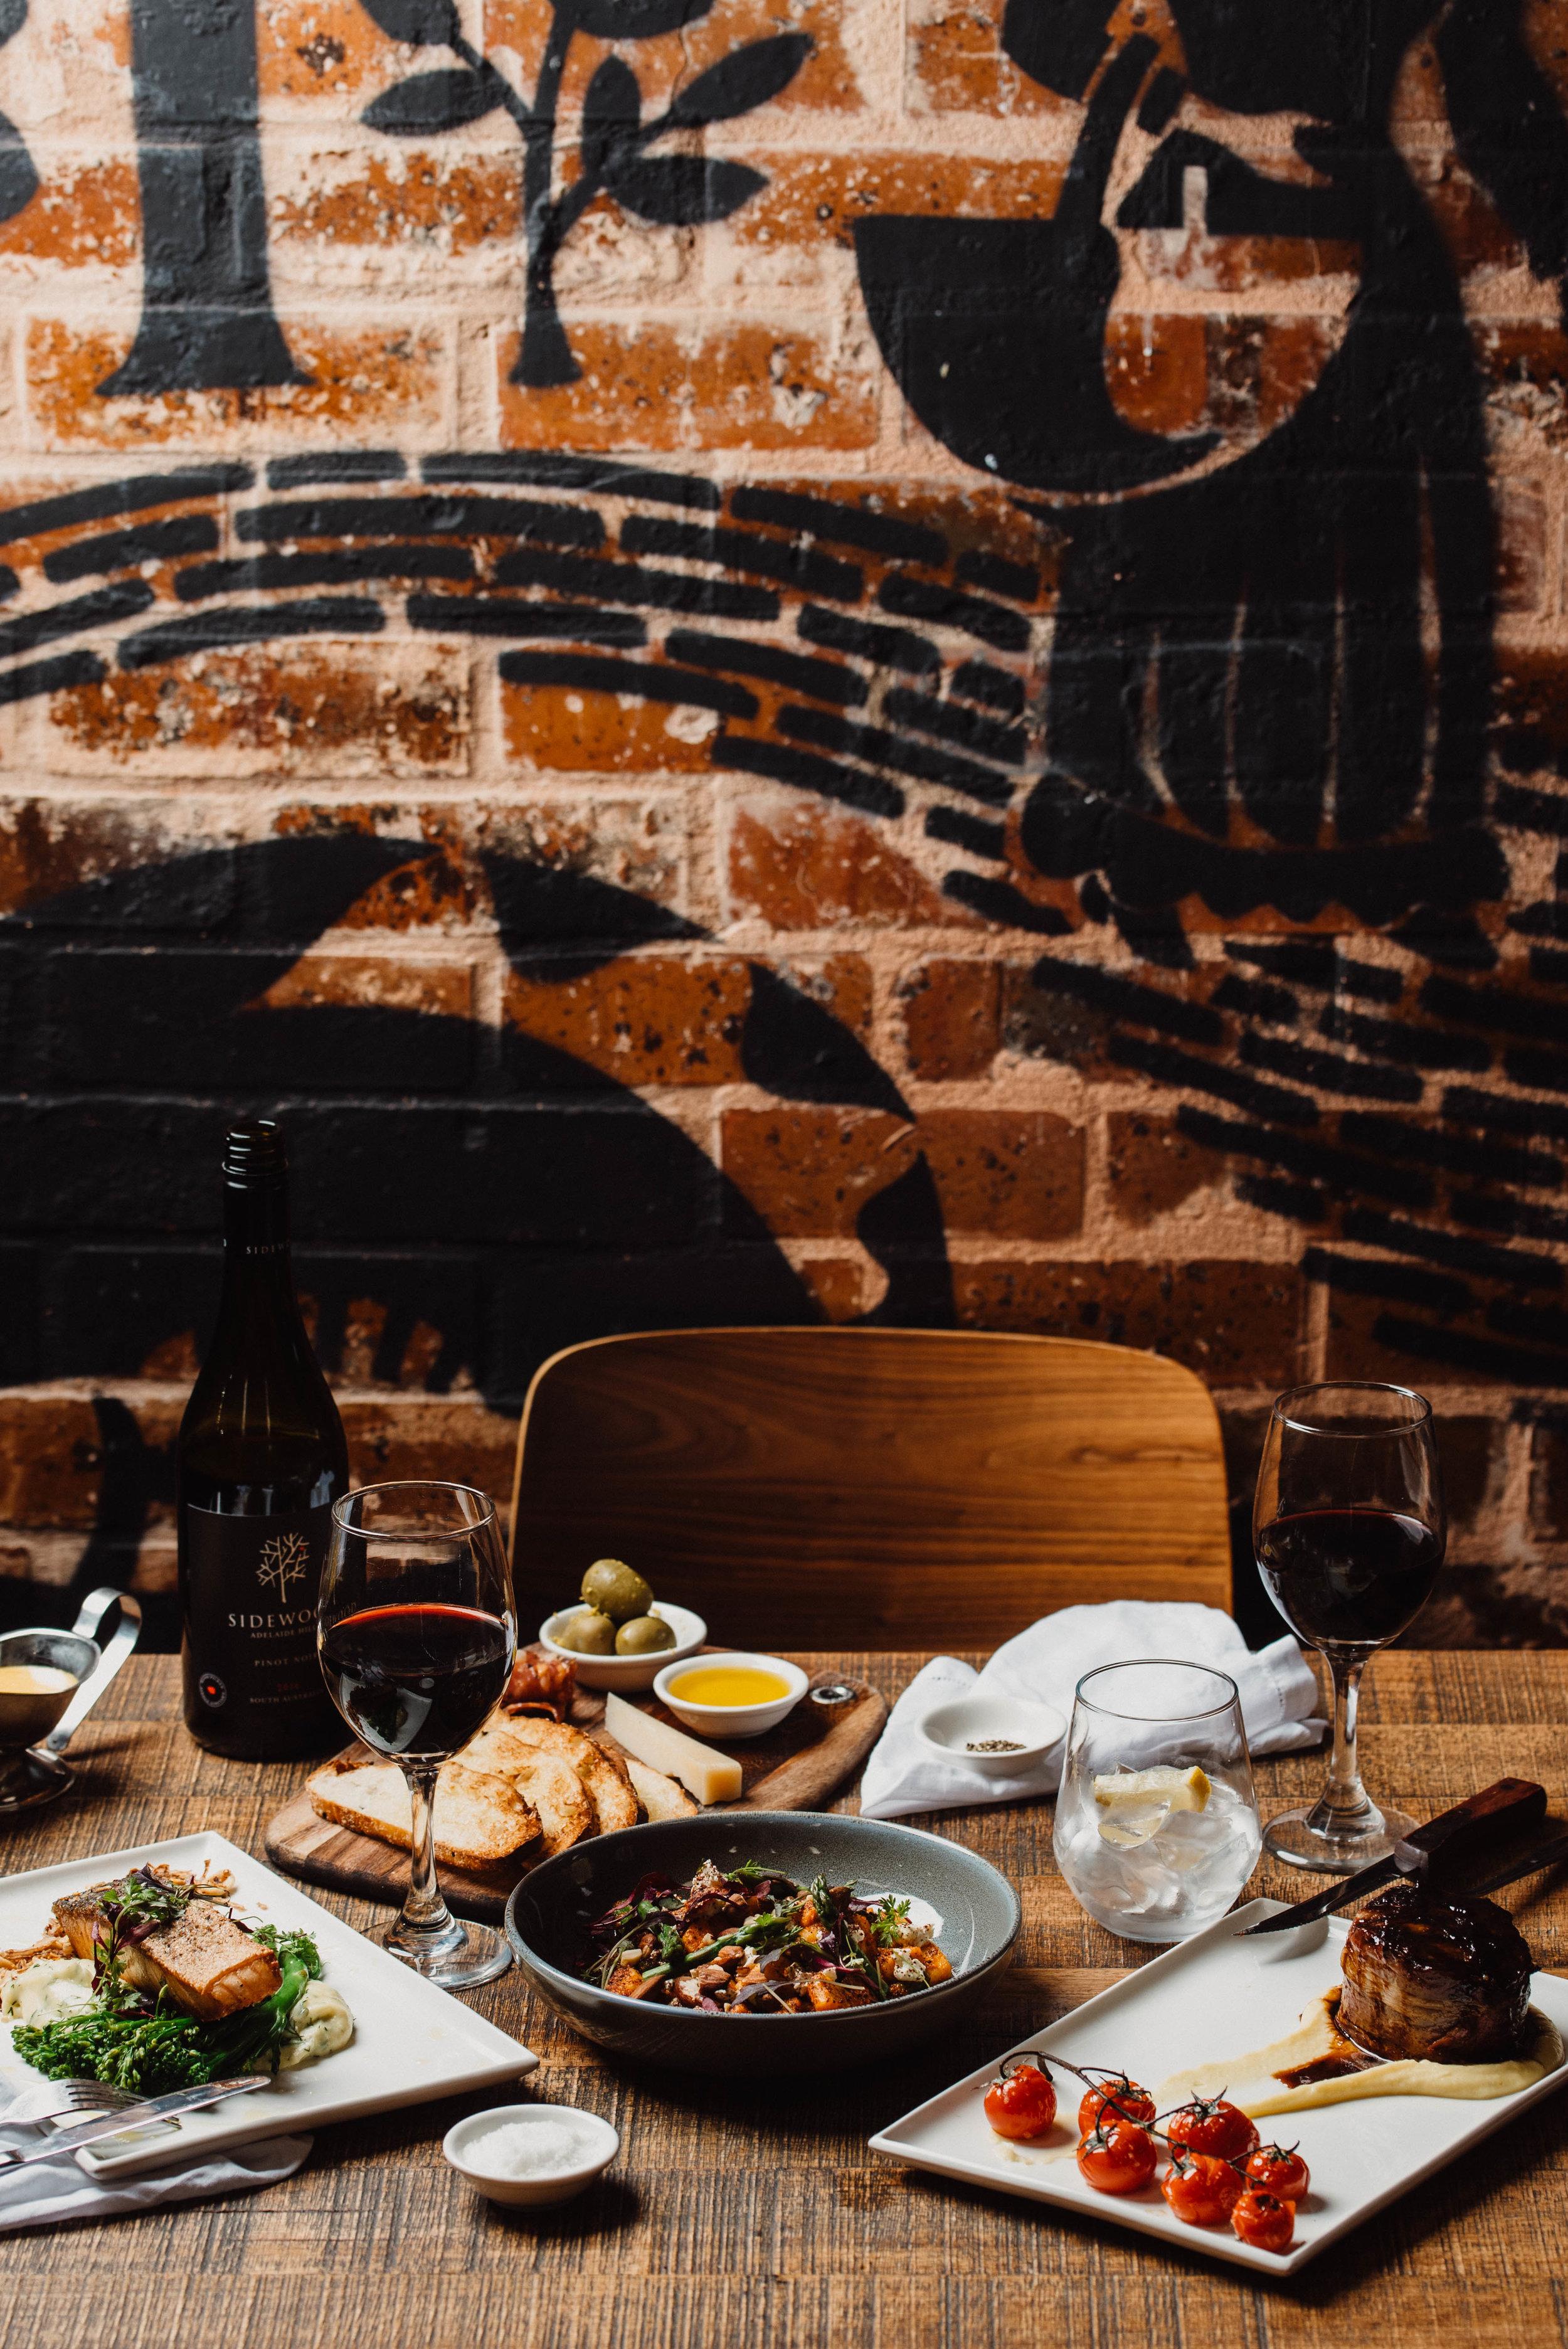 The Haus Restaurant